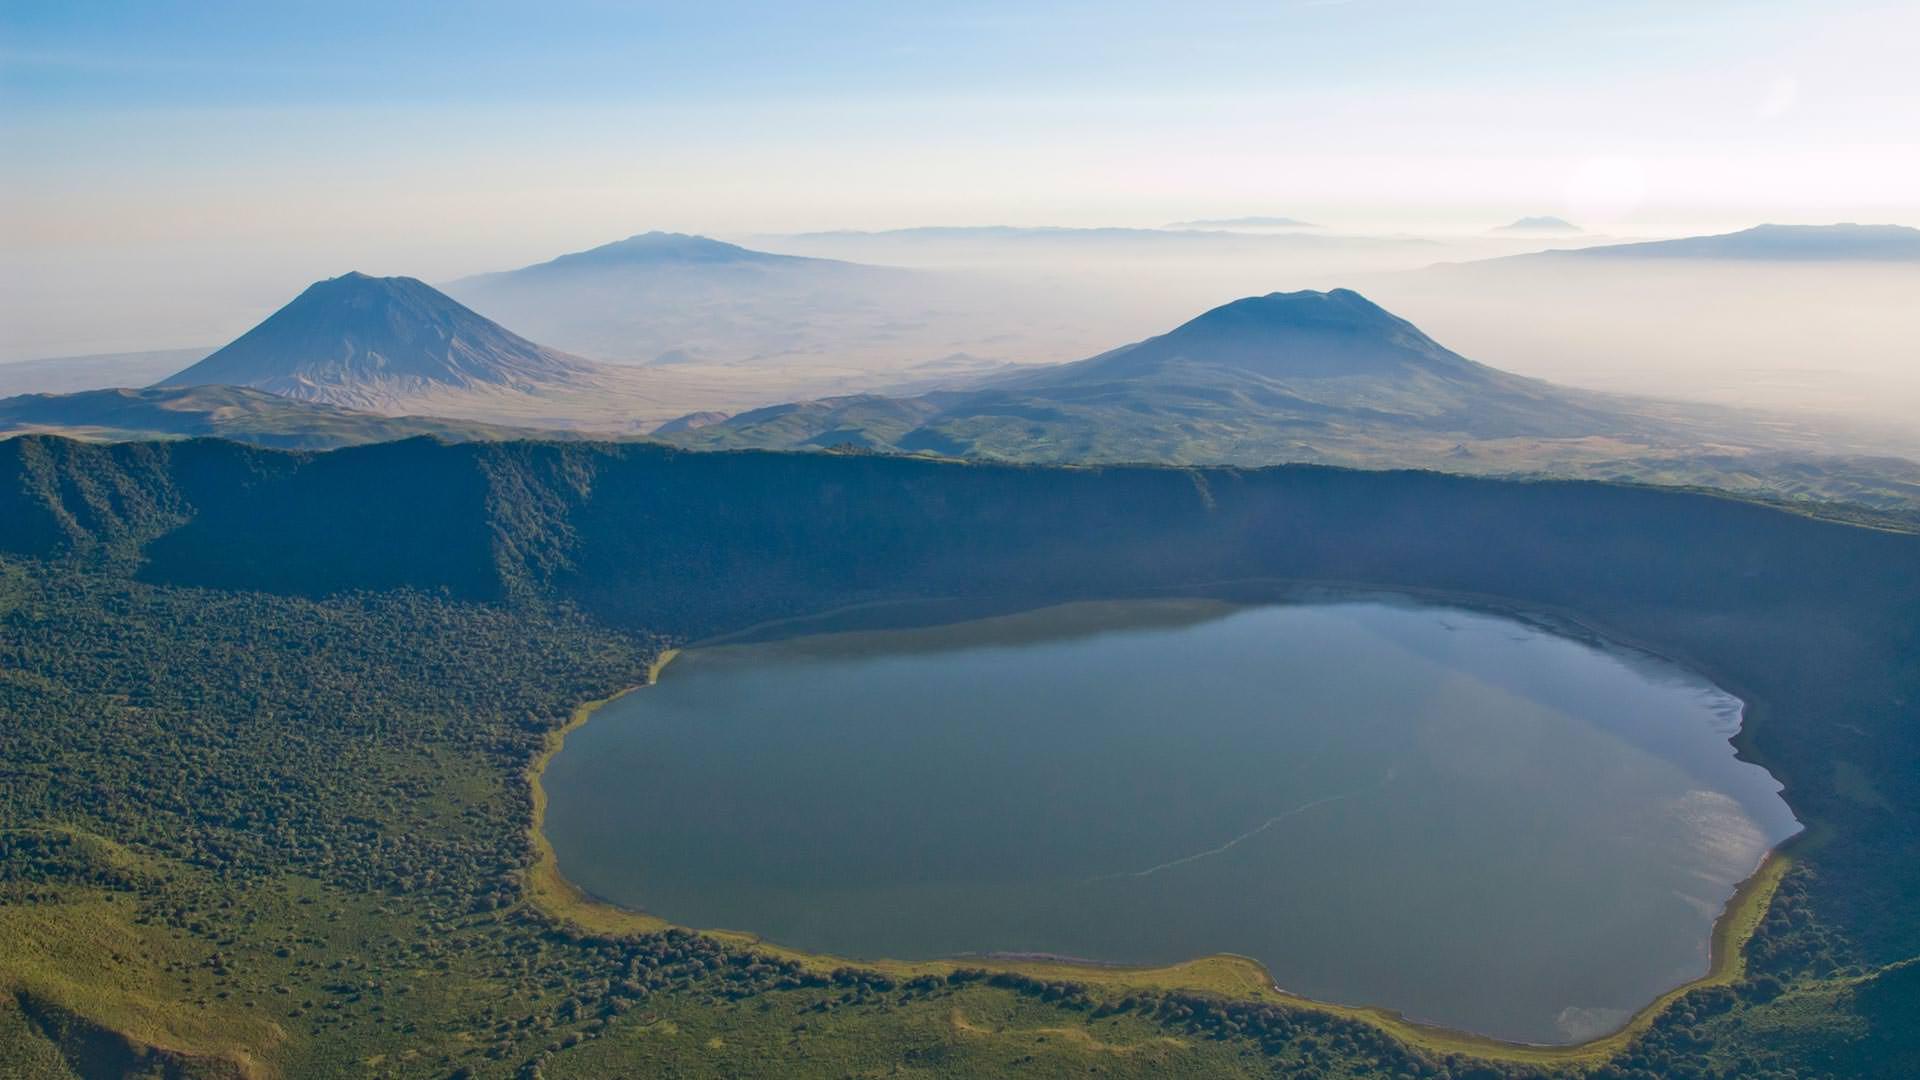 Empakai crater lake